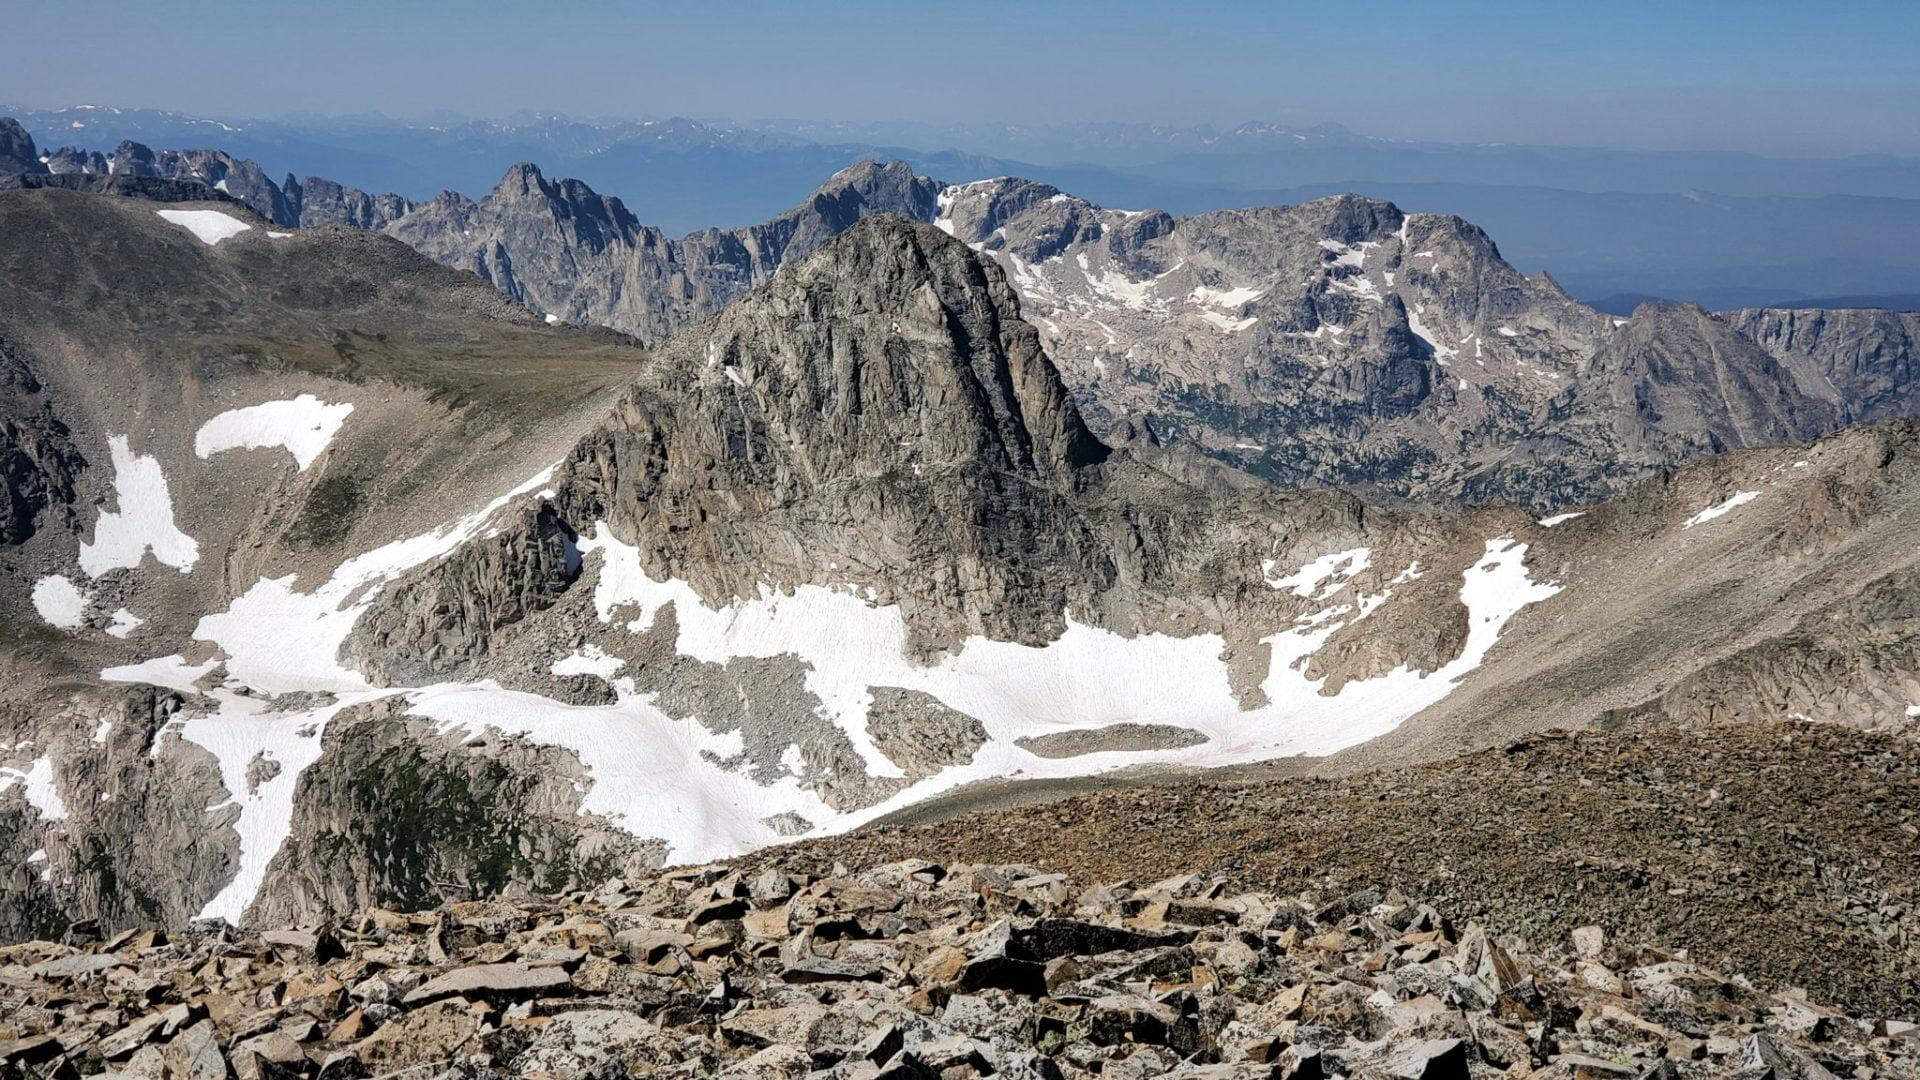 Paiute Peak 13,088'